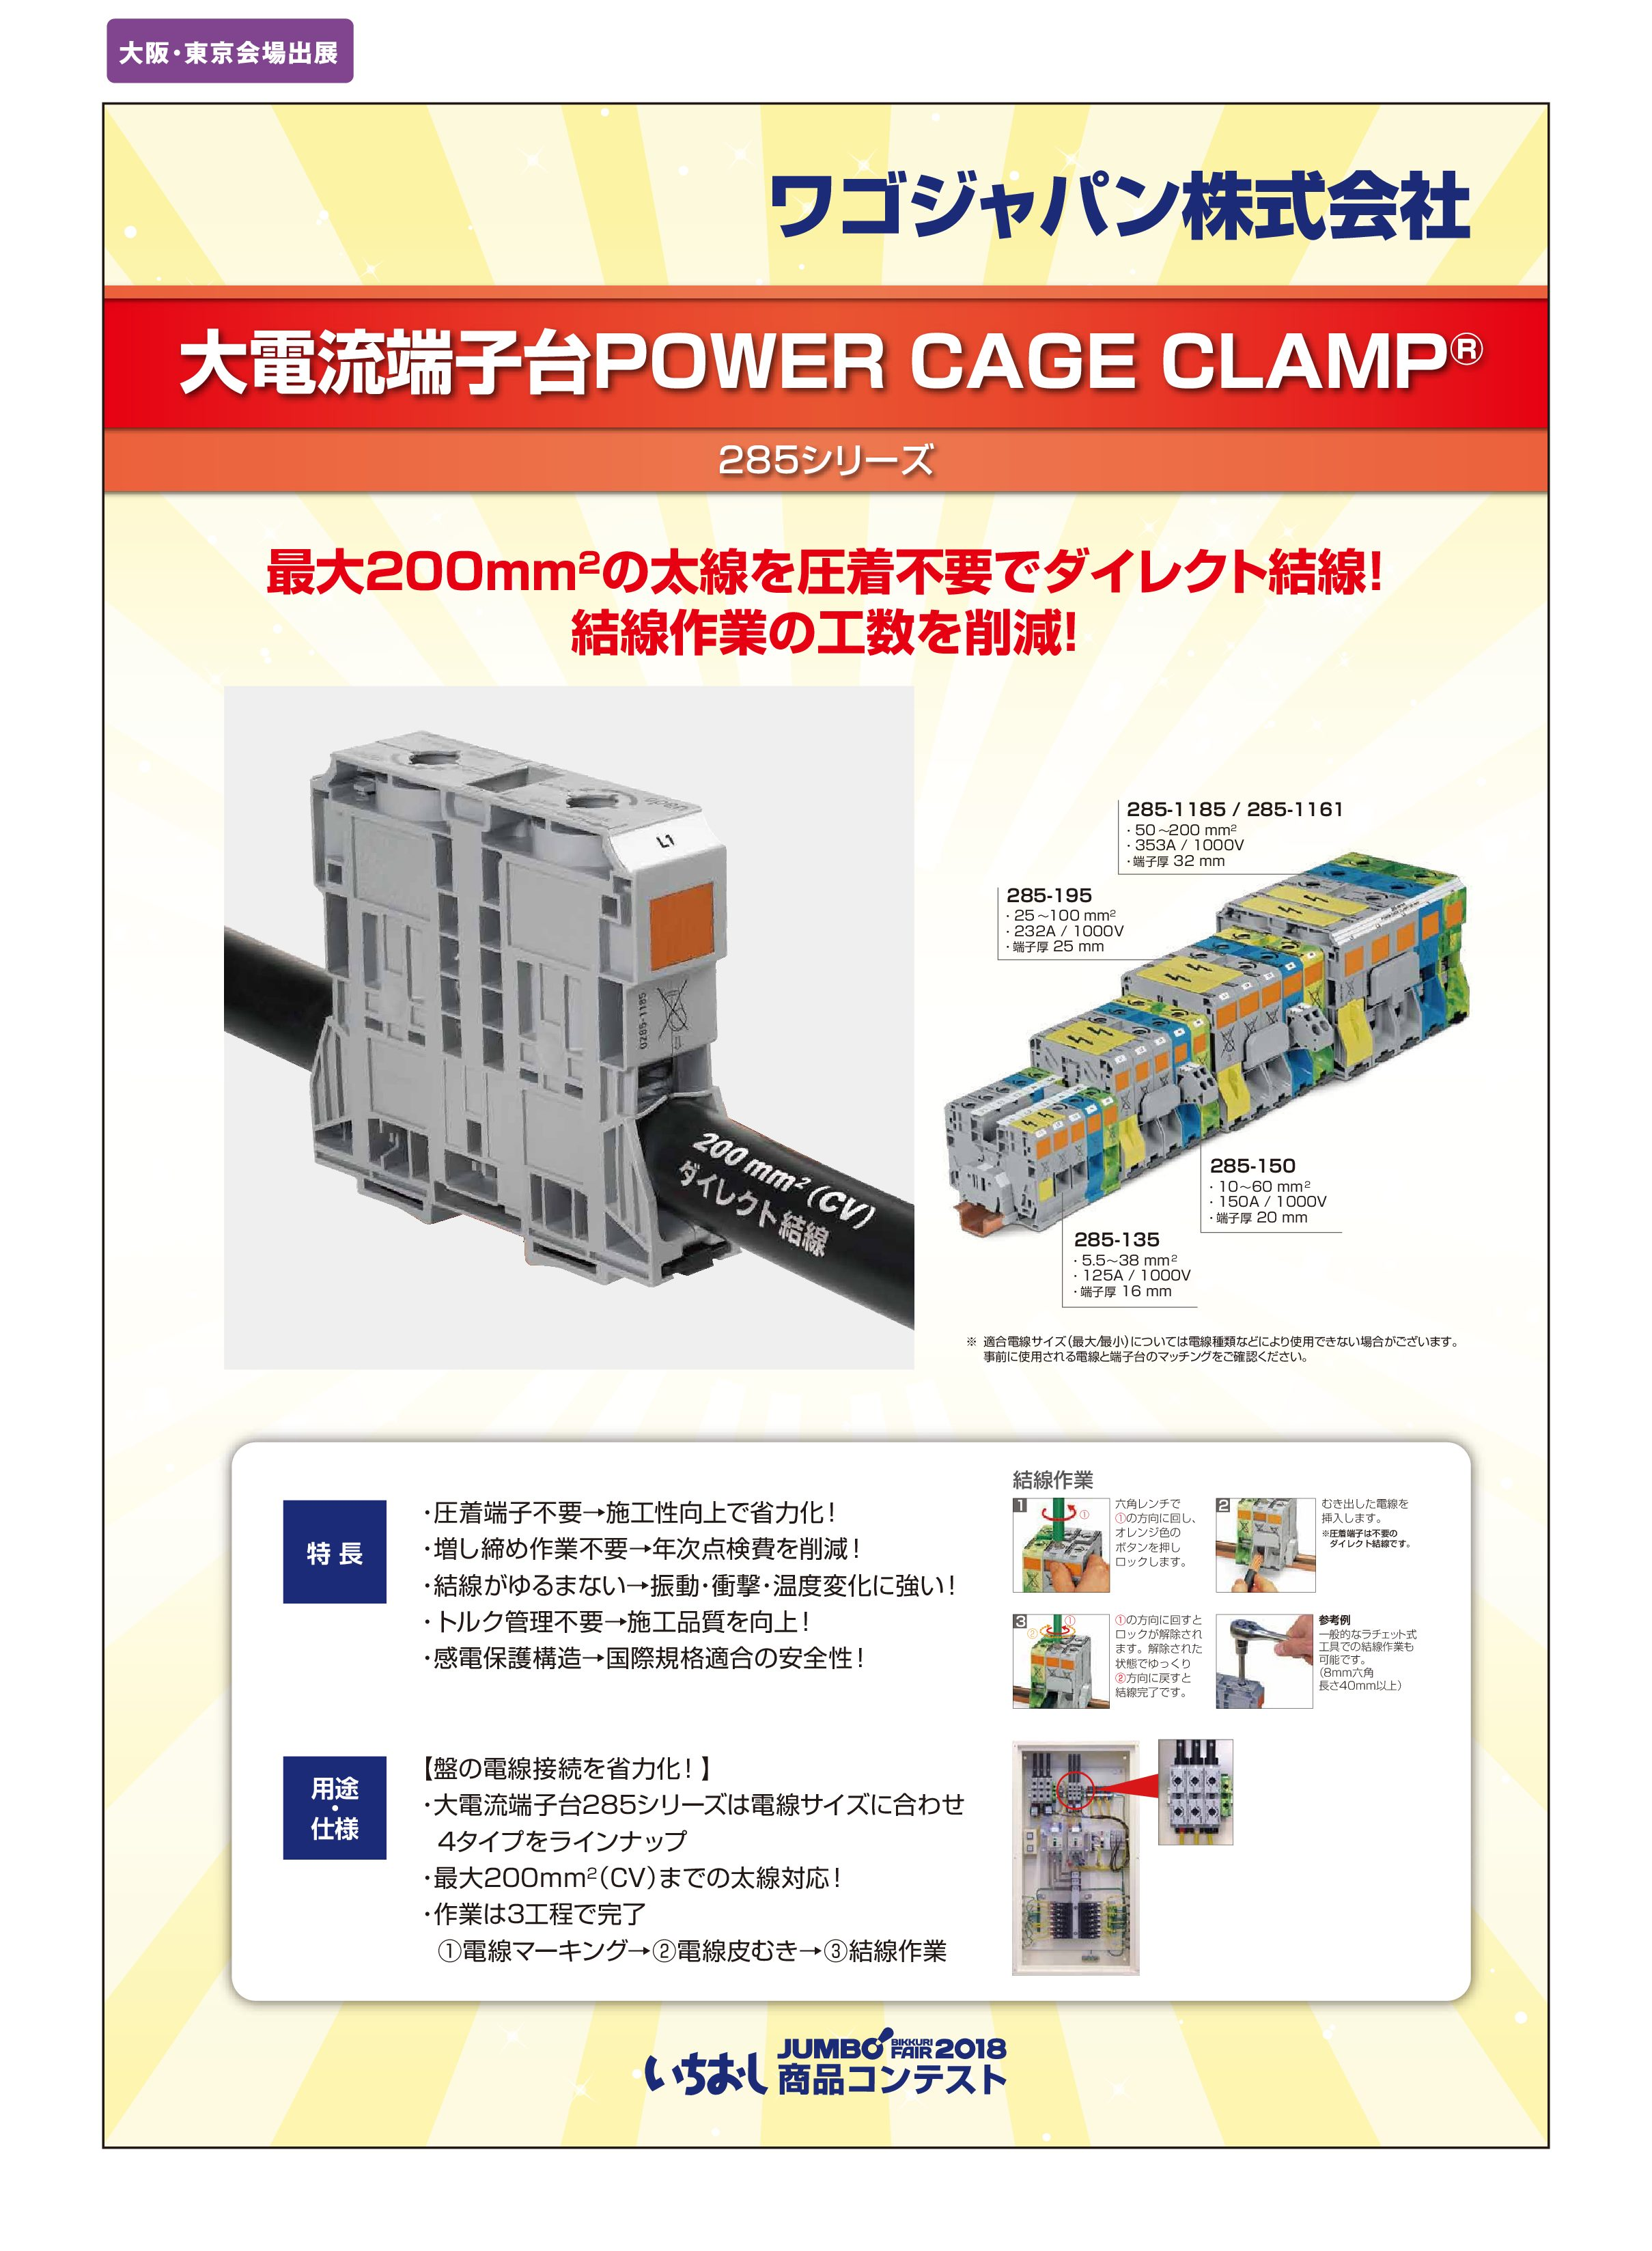 「大電流端子台POWER CAGE CLAMP®」ワゴジャパン株式会社の画像